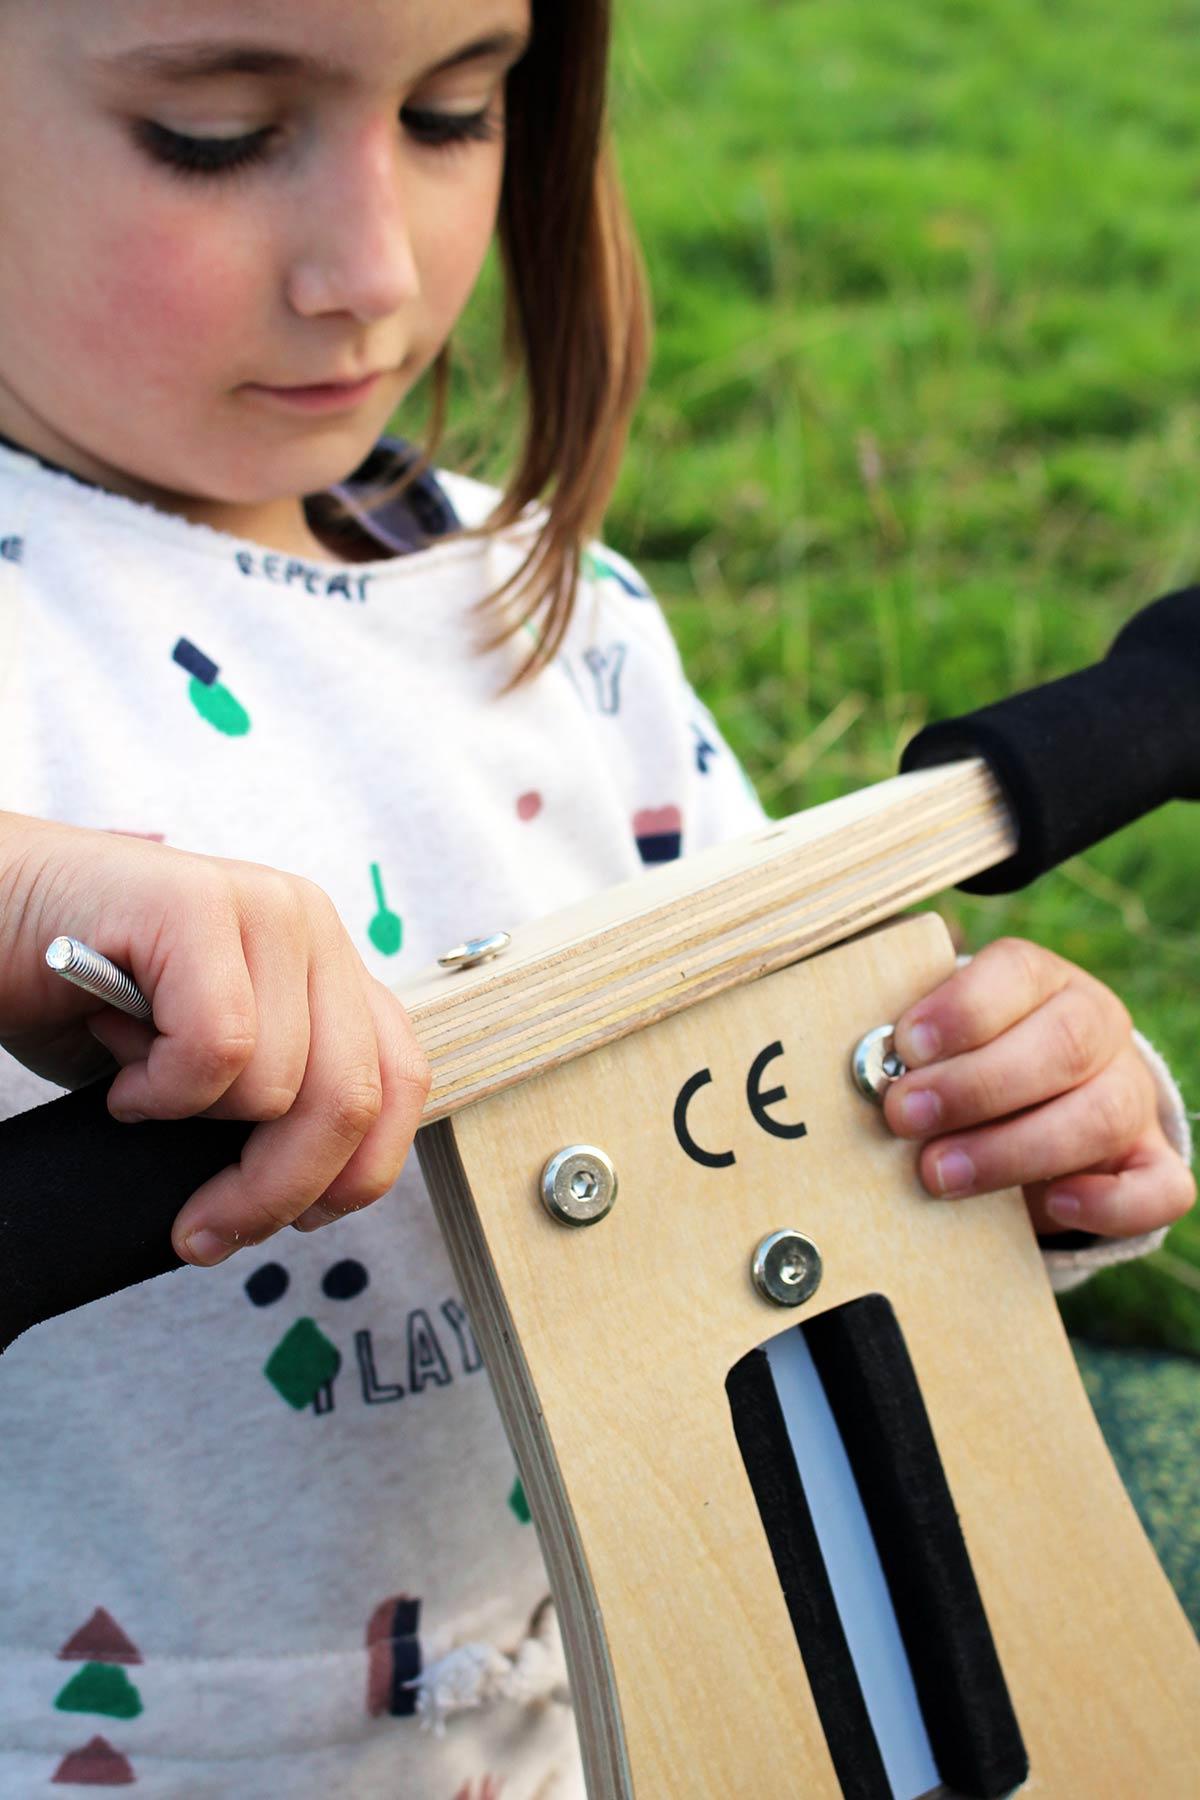 Bicicleta evolutiva sin pedales o de equilibrio de madera de la marca europea Scratch Europe para niñas y niños a partir de 2 años.